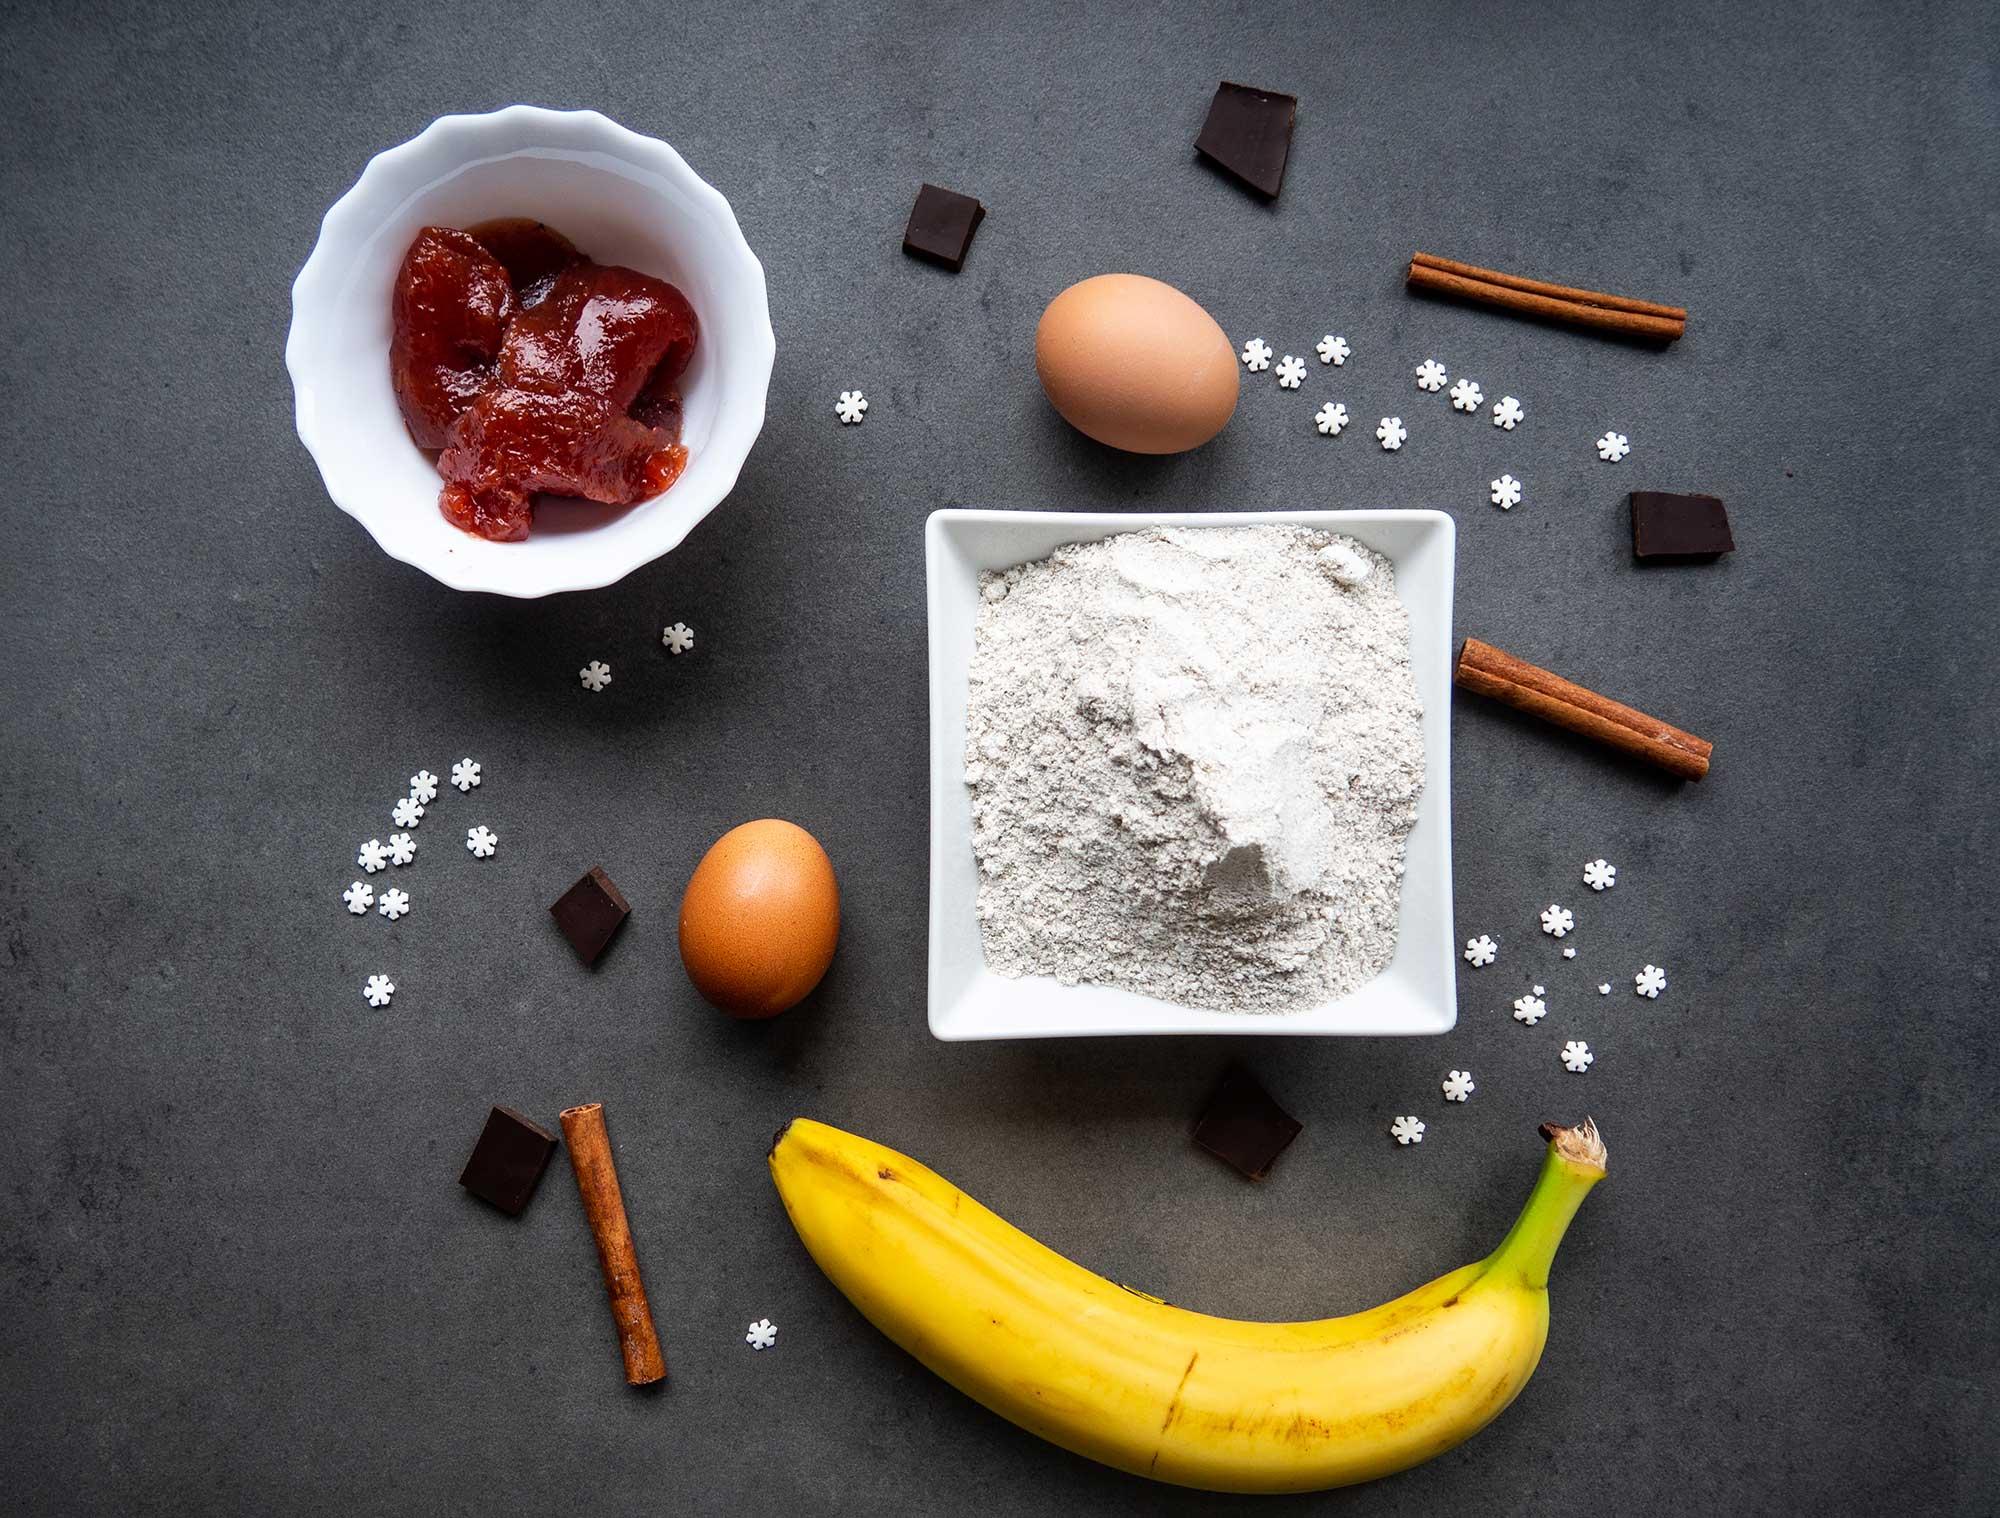 chocolate, flour, banana, egs